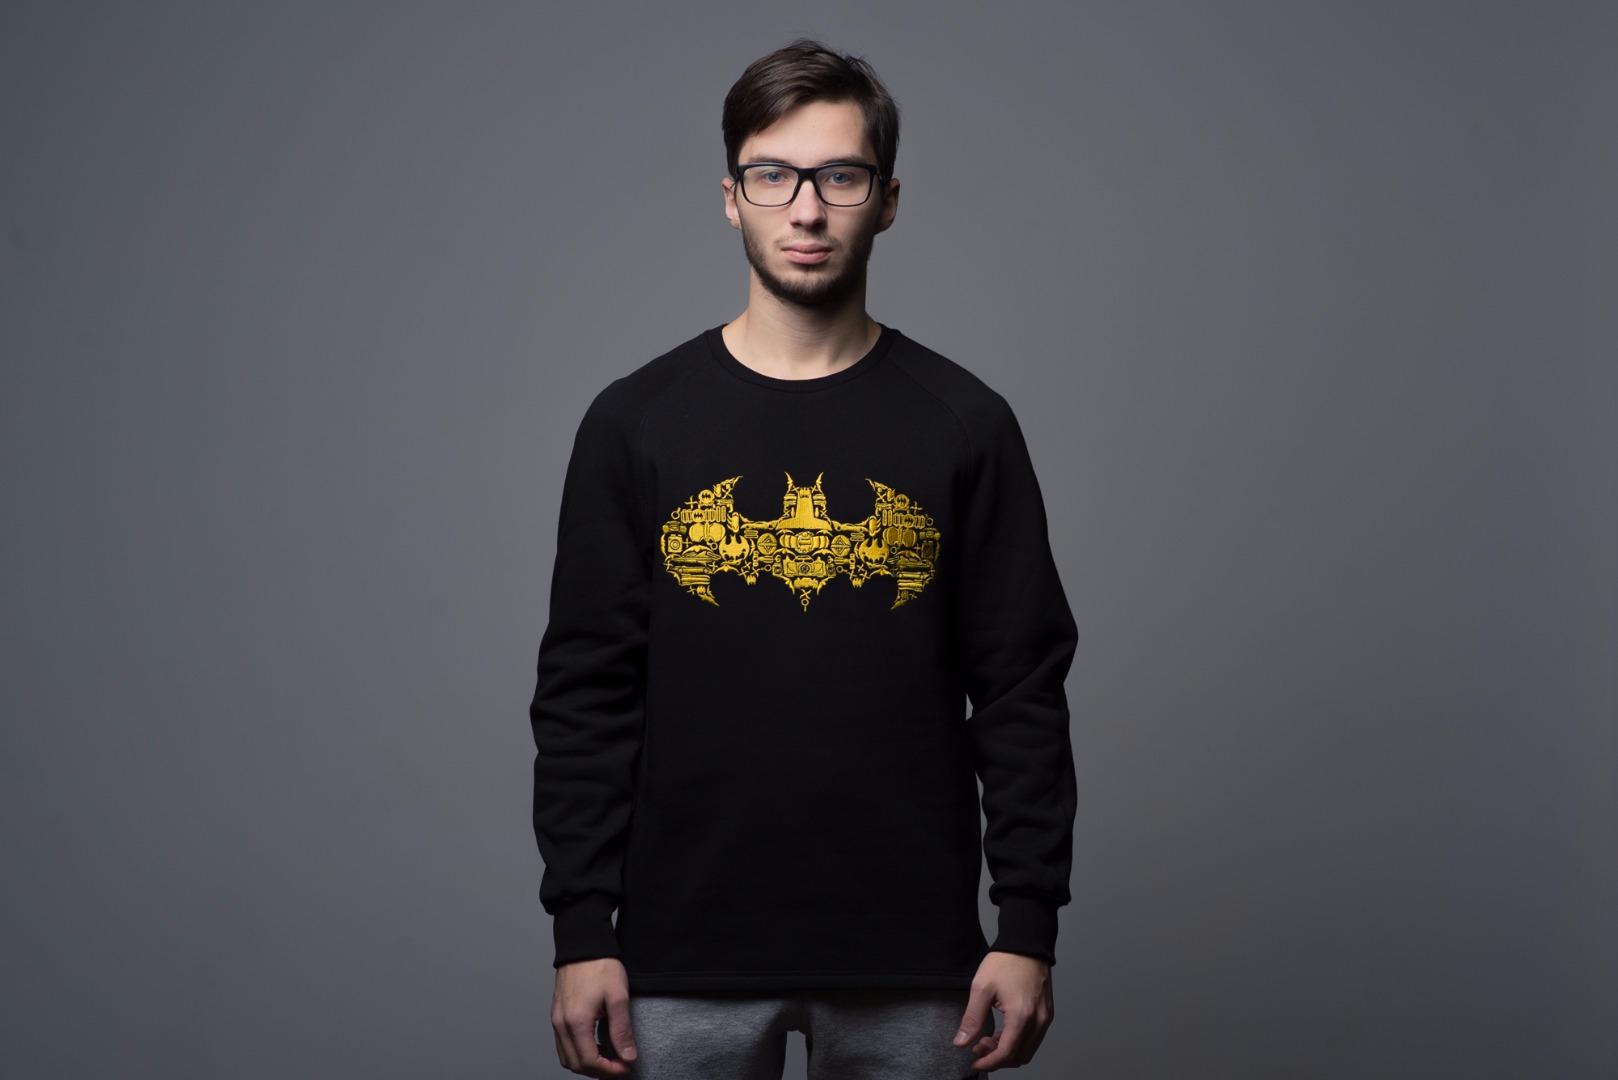 Свитшот BatmanТолстовки<br>Свитшот изофициальной лицензионной коллекции натему Бэтмена.&#13;<br>&#13;<br>Выполнен изтрехнитчатого футера с начесом. Все элементы, включая рисунок илоготипполностью вышиты.&#13;<br>Чтобы подобрать размер ориентируйтесь насвой рост. Если увас обычное телосложение, то:&#13;<br>—нарост 160— 170см обычно подходит размер S&#13;<br>—нарост 170— 180см обычно подходит размер М&#13;<br>—нарост 180— 190см лучше брать размер L&#13;<br>—на190см ивыше взависимости оттелосложения выбирайтеXL или XXL<br>Размер: S,L,M;